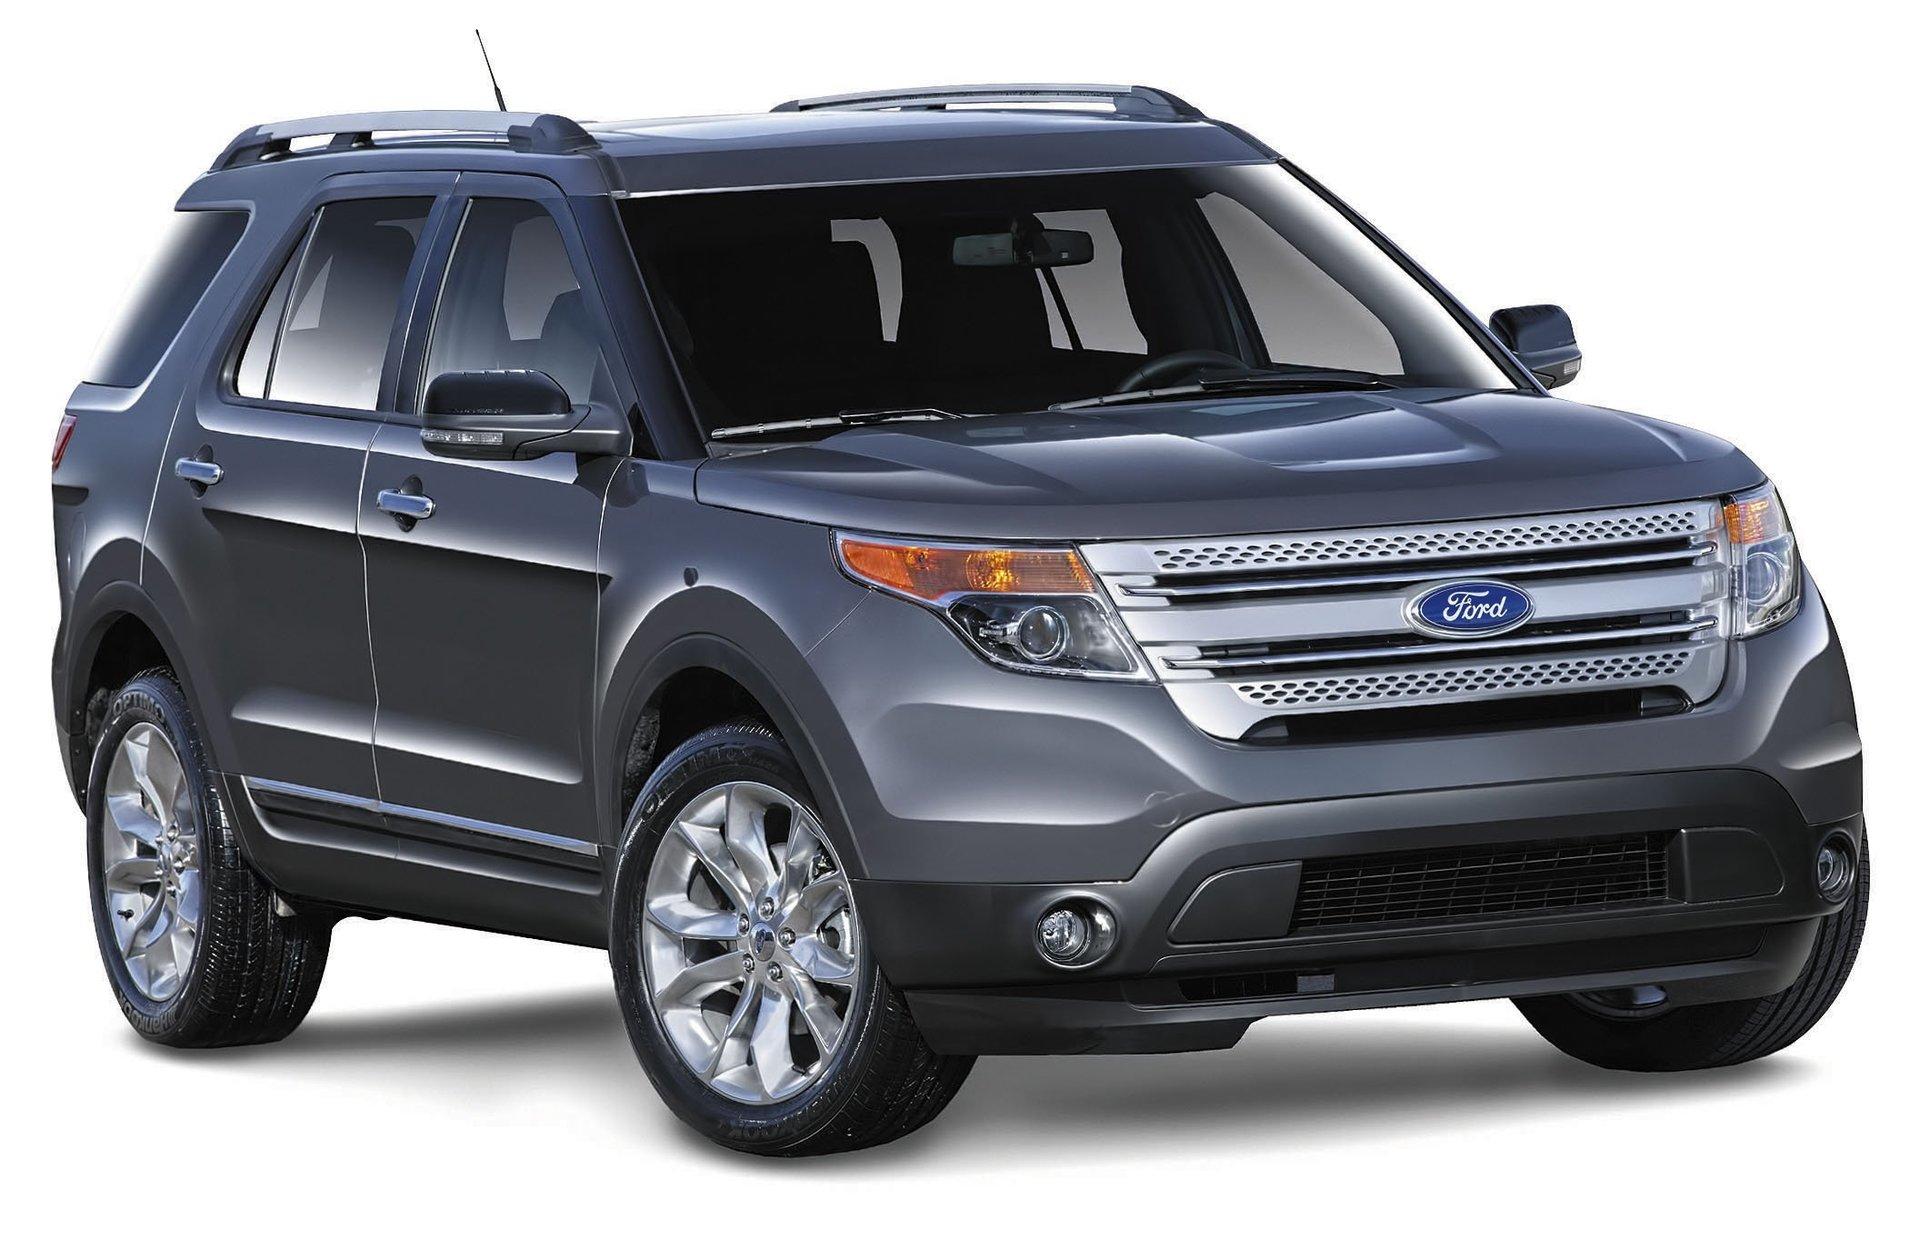 SUV  sc 1 th 182 & Danvers Ford Rentals | Auto Rentals | Danvers MA markmcfarlin.com